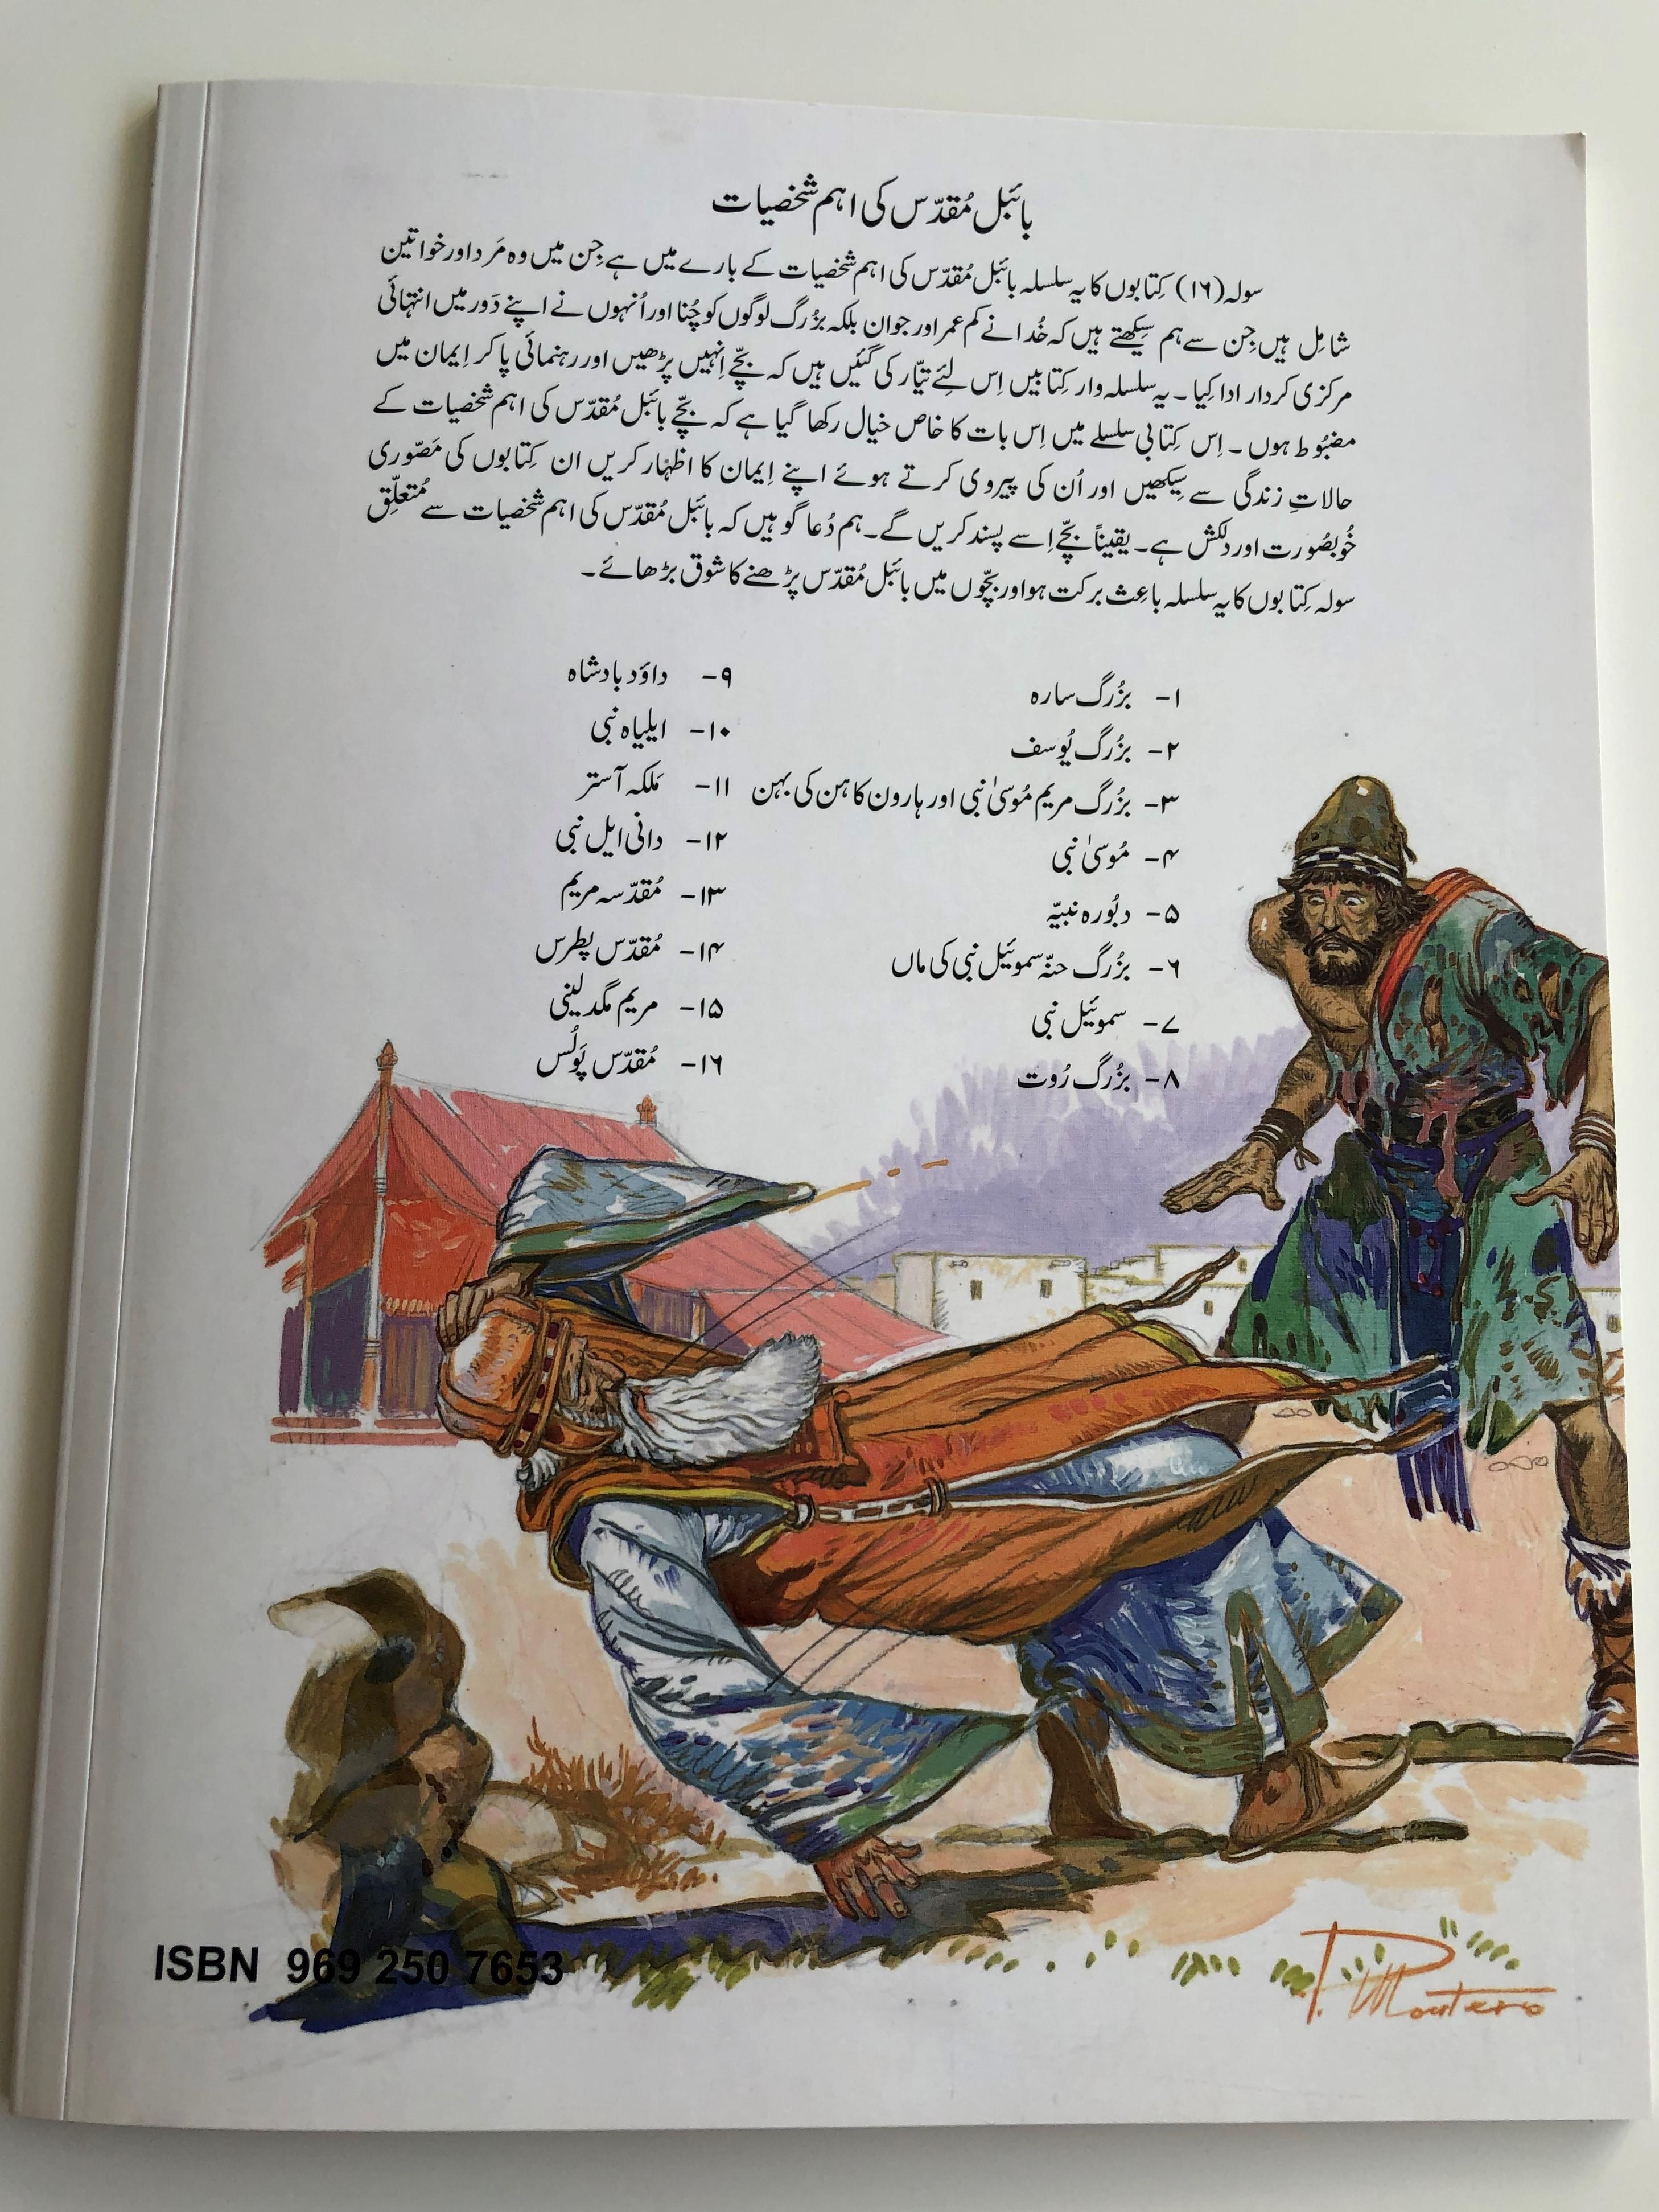 samuel-judge-and-prophet-urdu-10.jpg